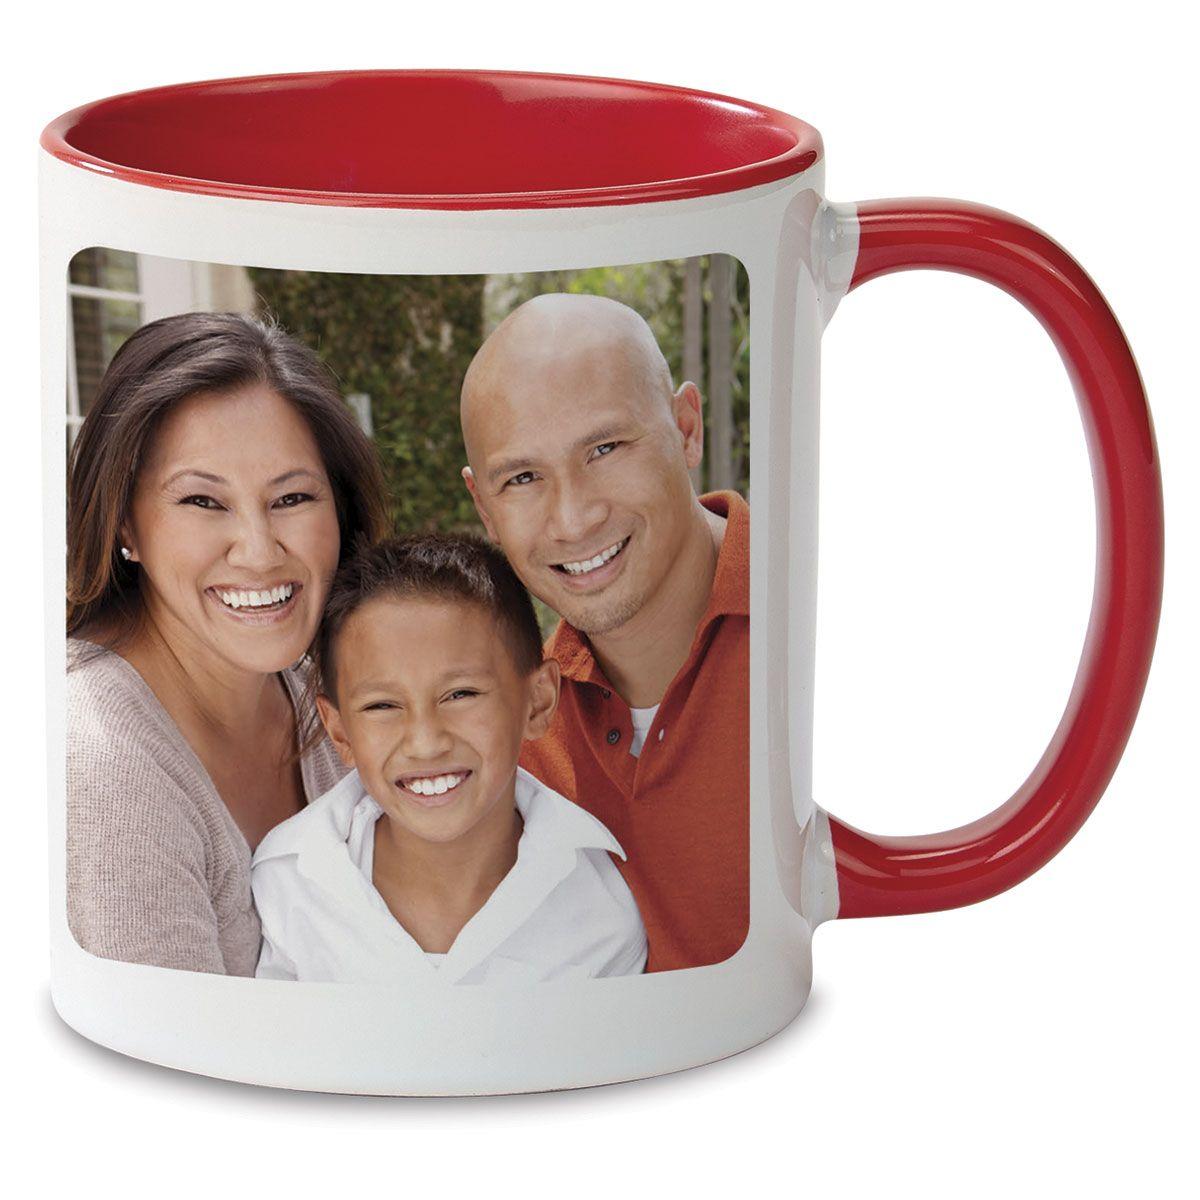 Holly Ceramic Photo Mug